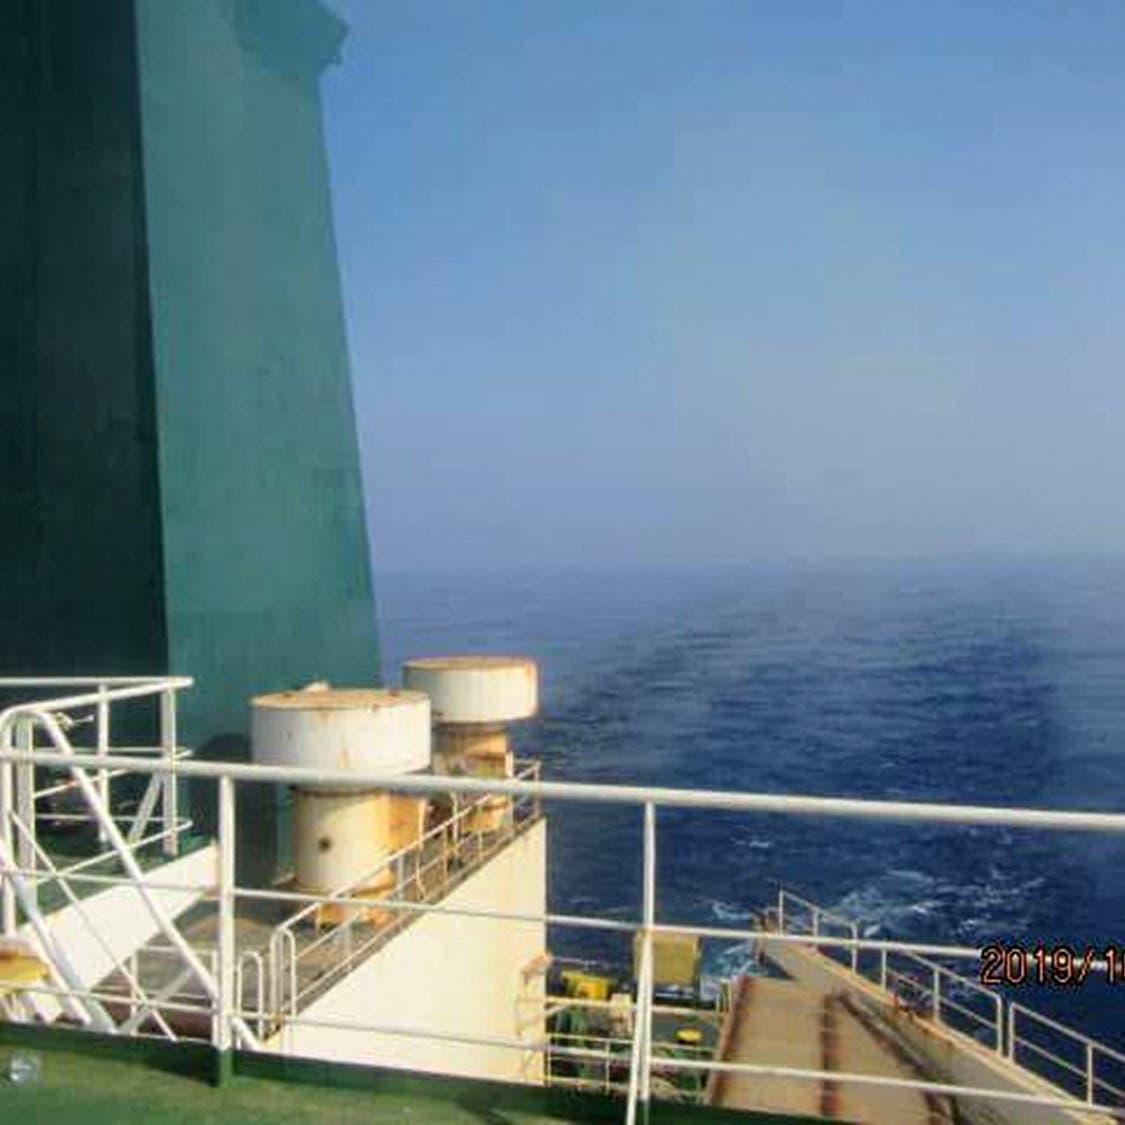 إيران: من حقنا إرسال النفط لأي كان وسفينتنا متجهة للبنان